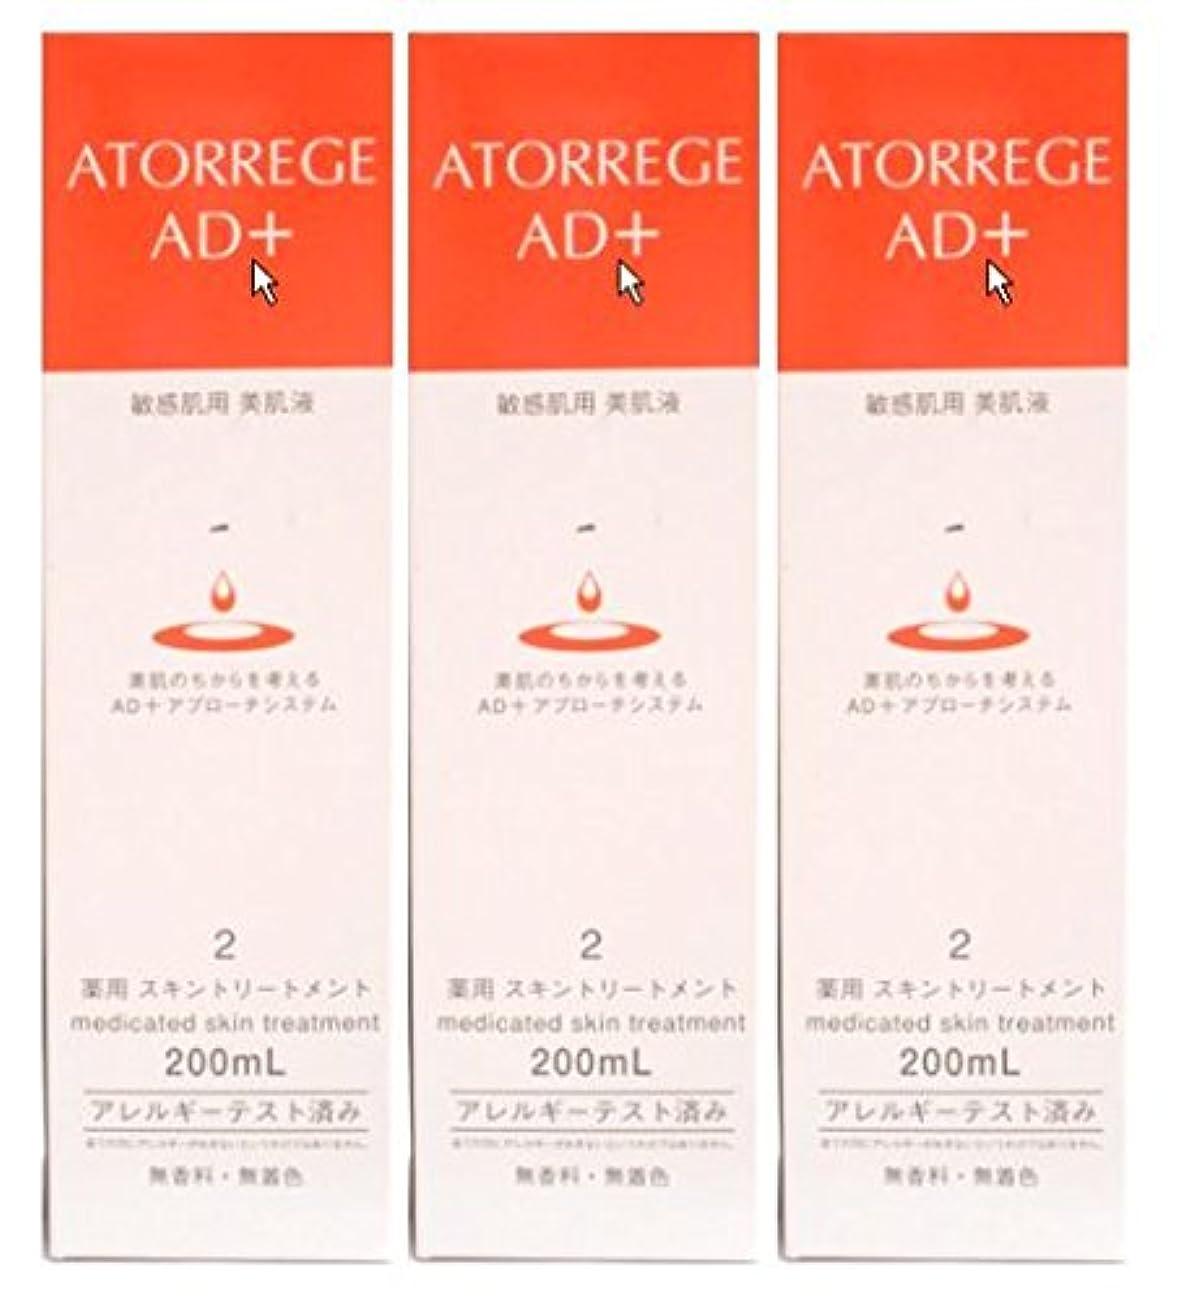 放射性断言するチーフ(お買い得3本セット)アトレージュ AD+薬用スキントリートメント 200ml(敏感肌用化粧水)(医薬部外品)